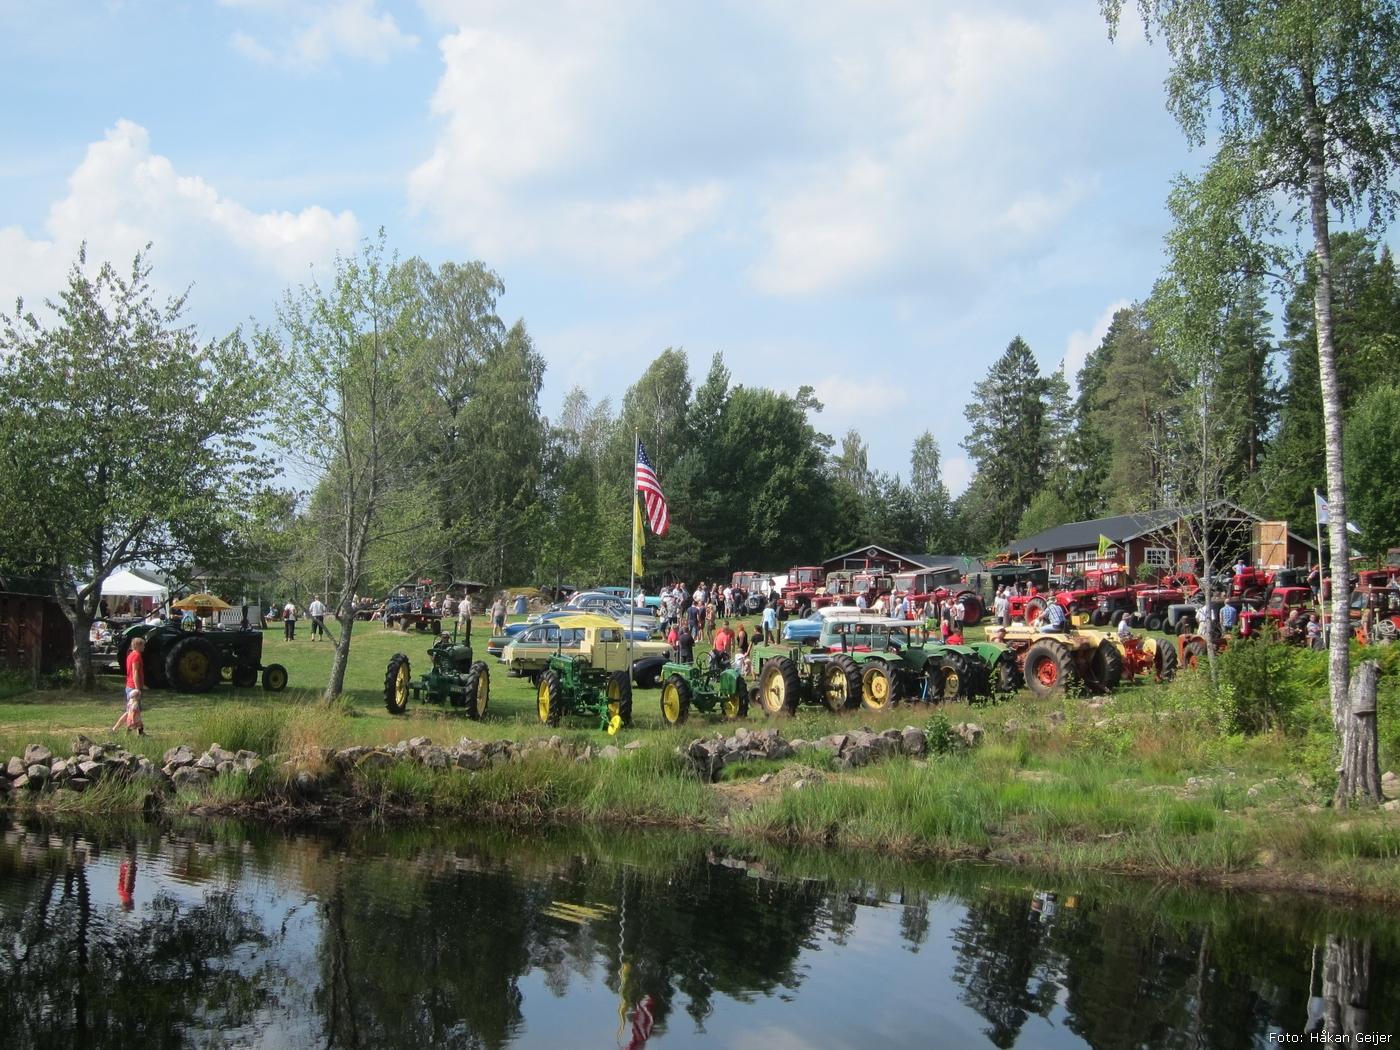 2014-08-02_18_traktorresa